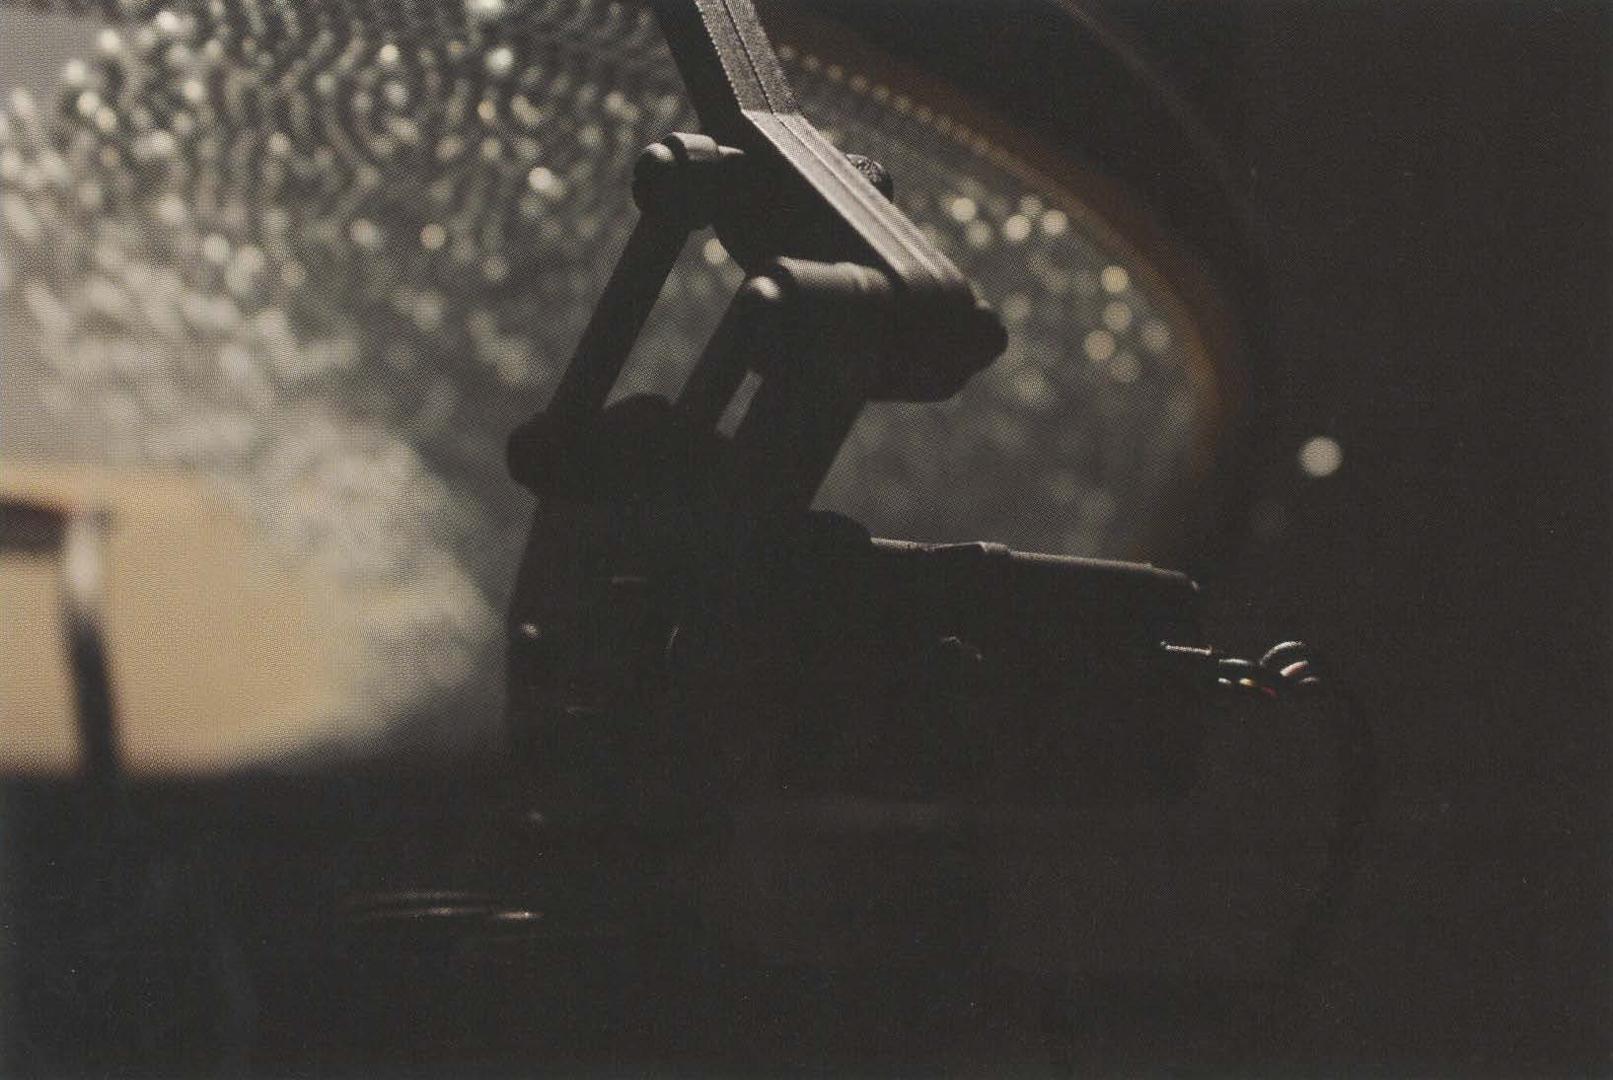 ©2012, Kian-Peng Ong